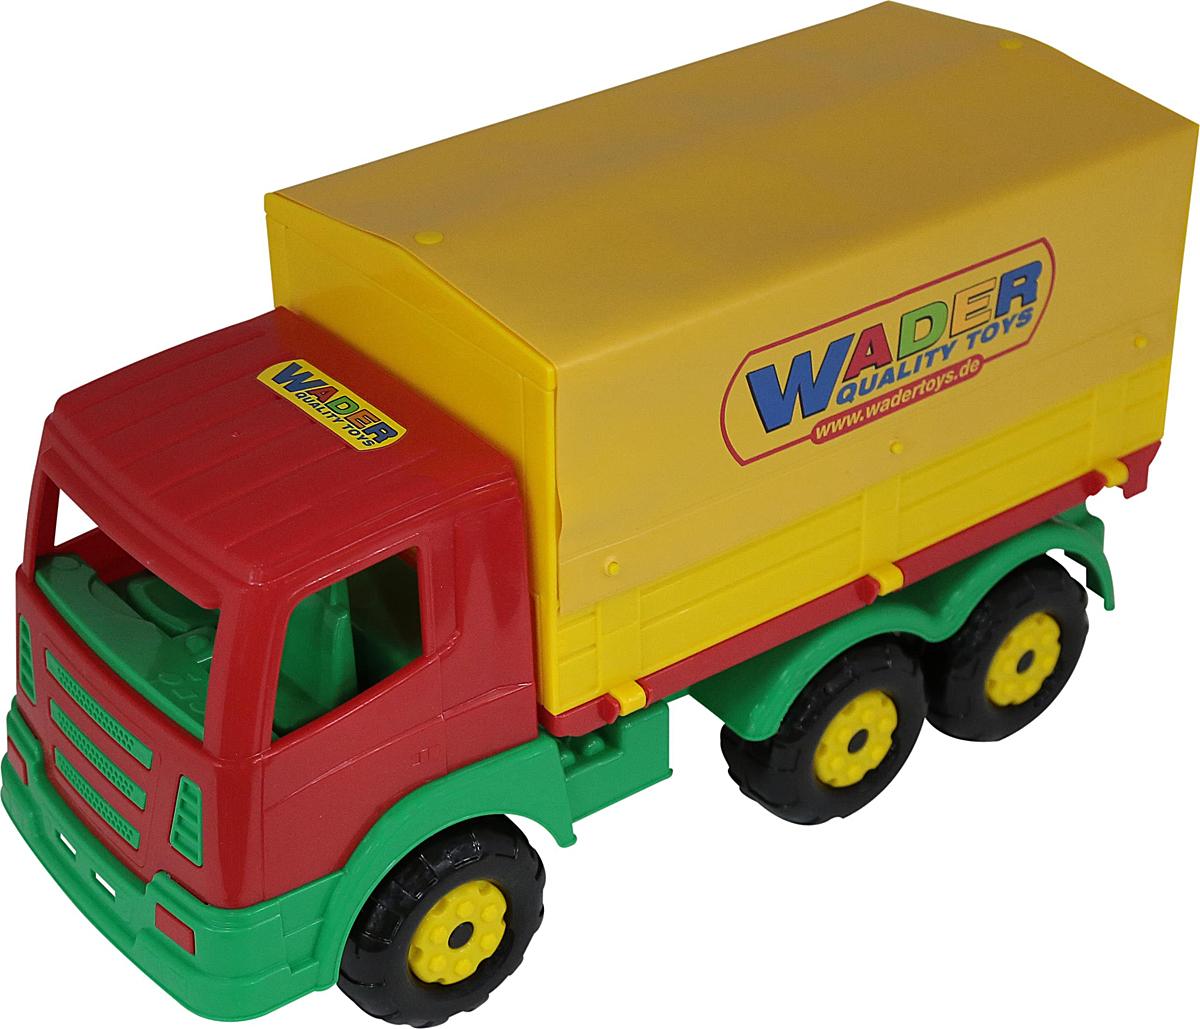 Полесье Грузовик бортовой тентовый Престиж, цвет в ассортименте полесье грузовик бортовой volvo цвет в ассортименте